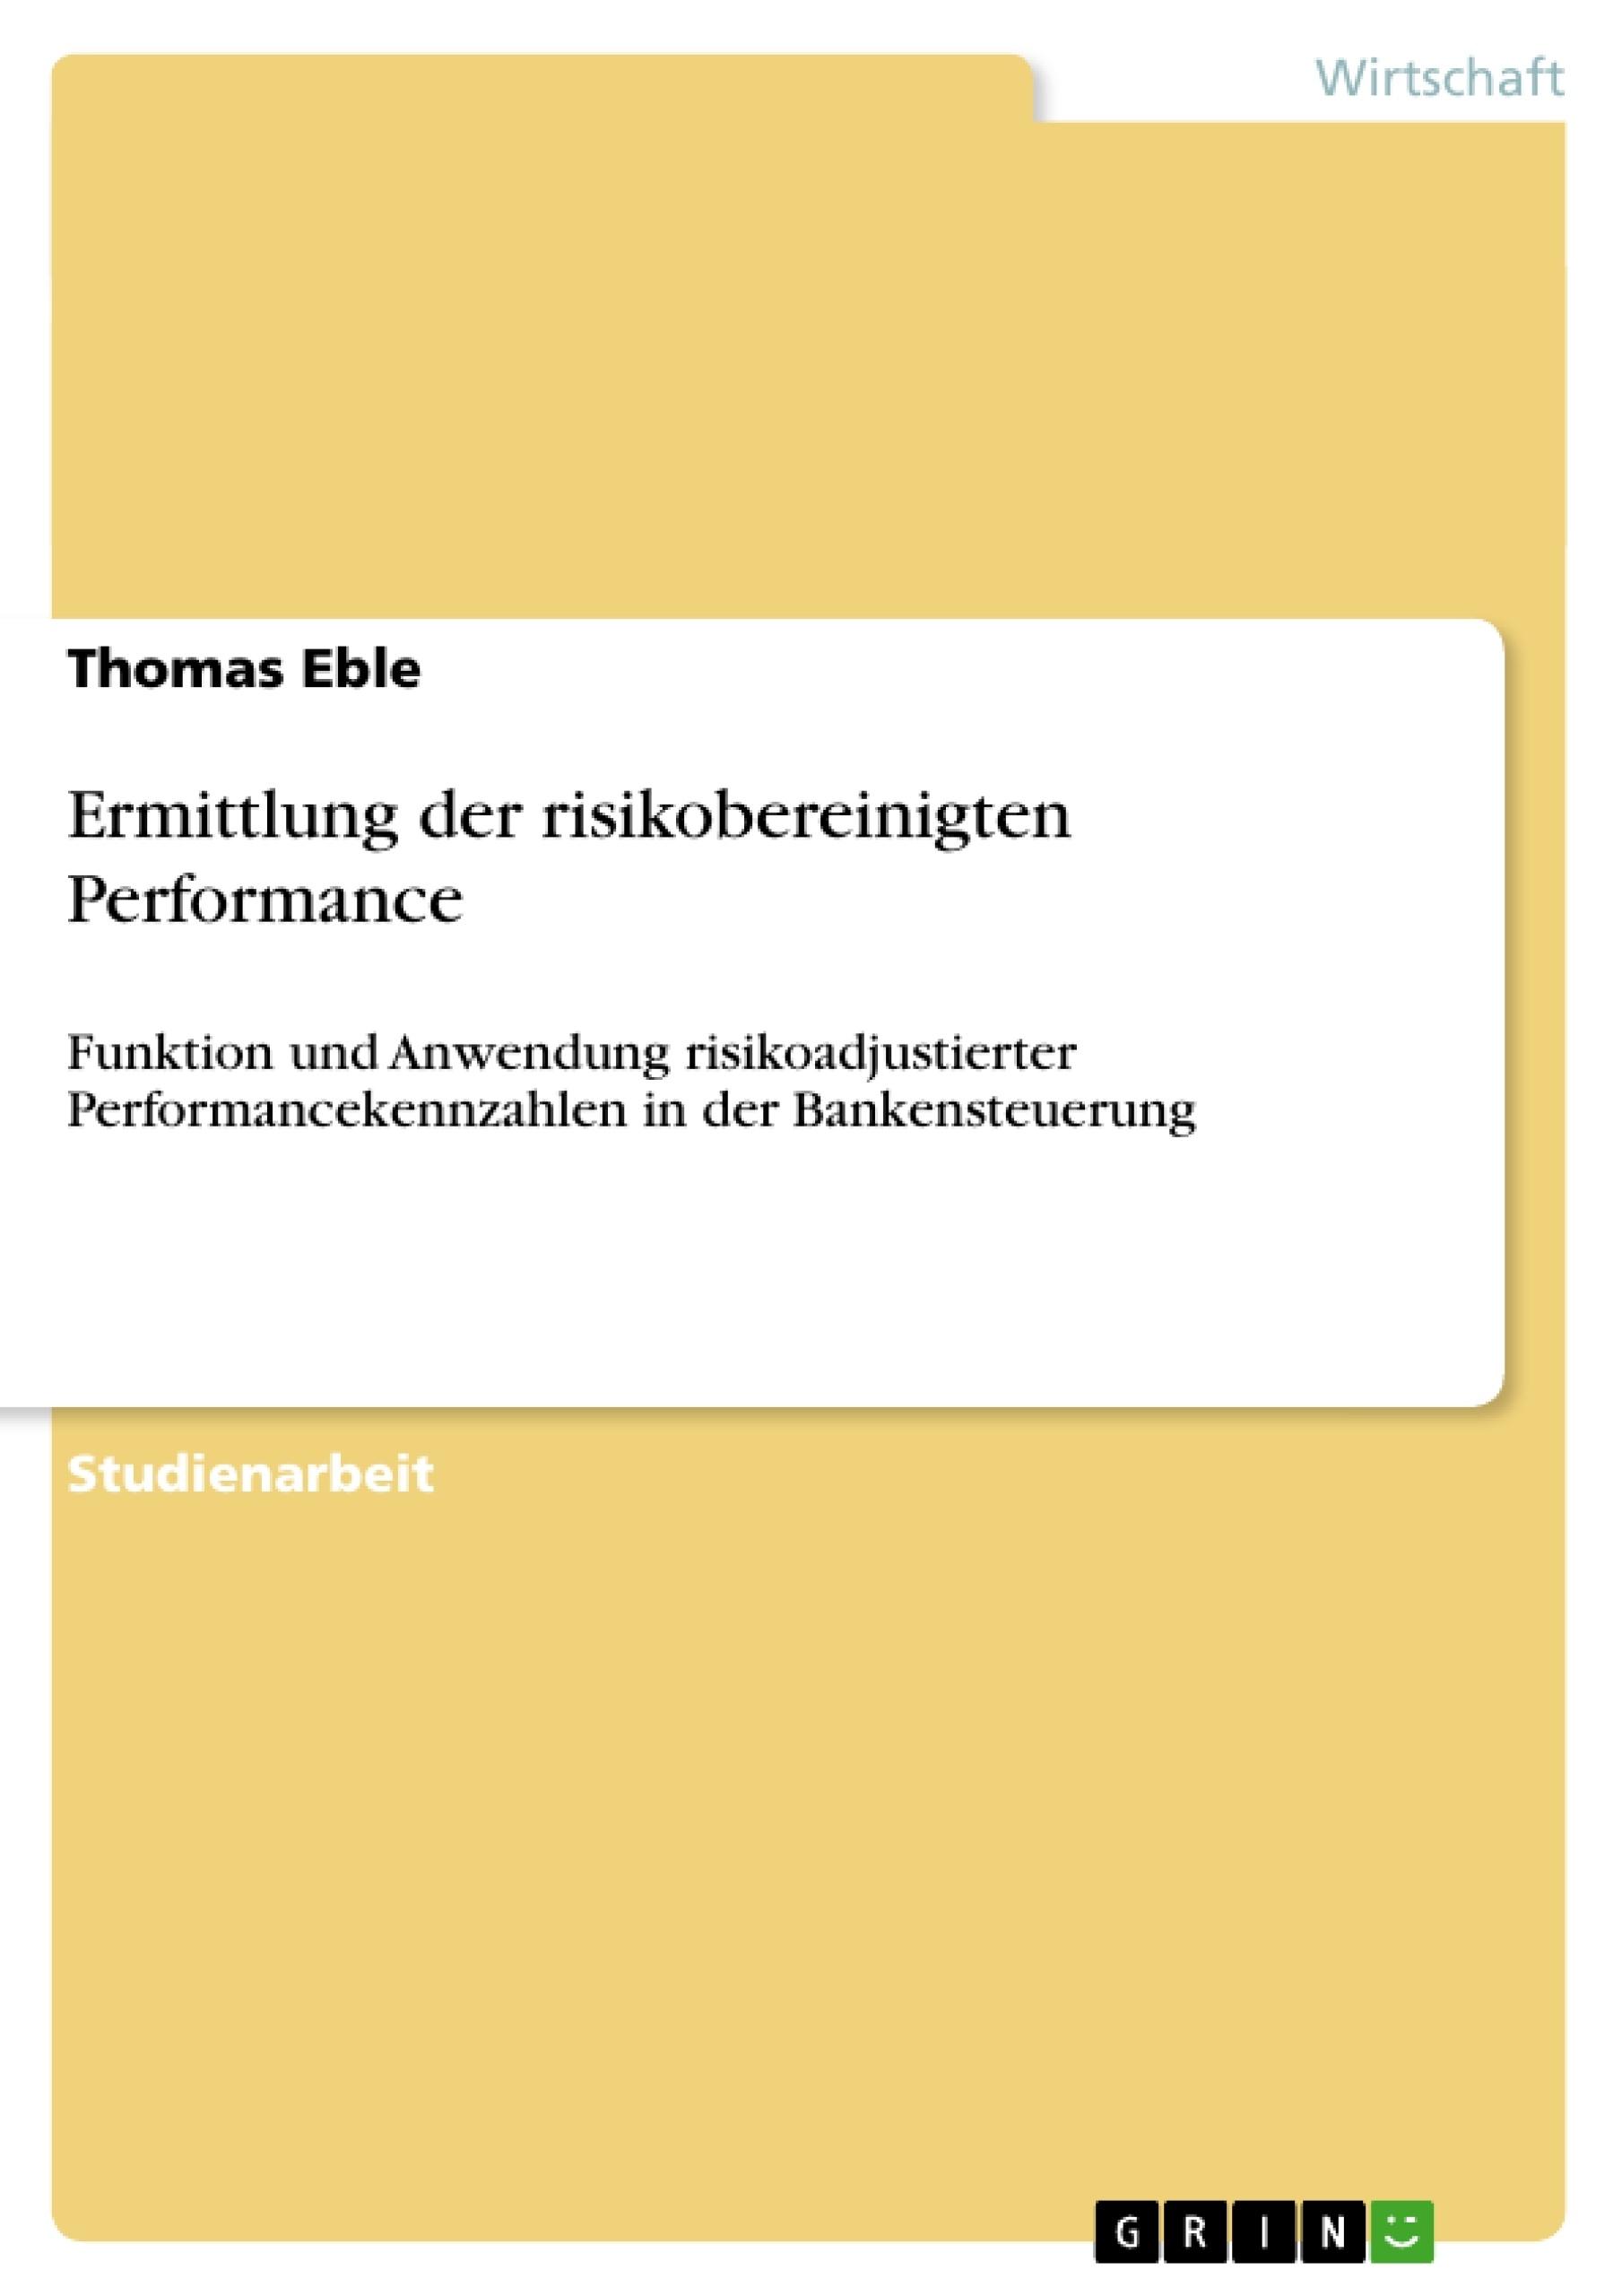 Titel: Ermittlung der risikobereinigten Performance